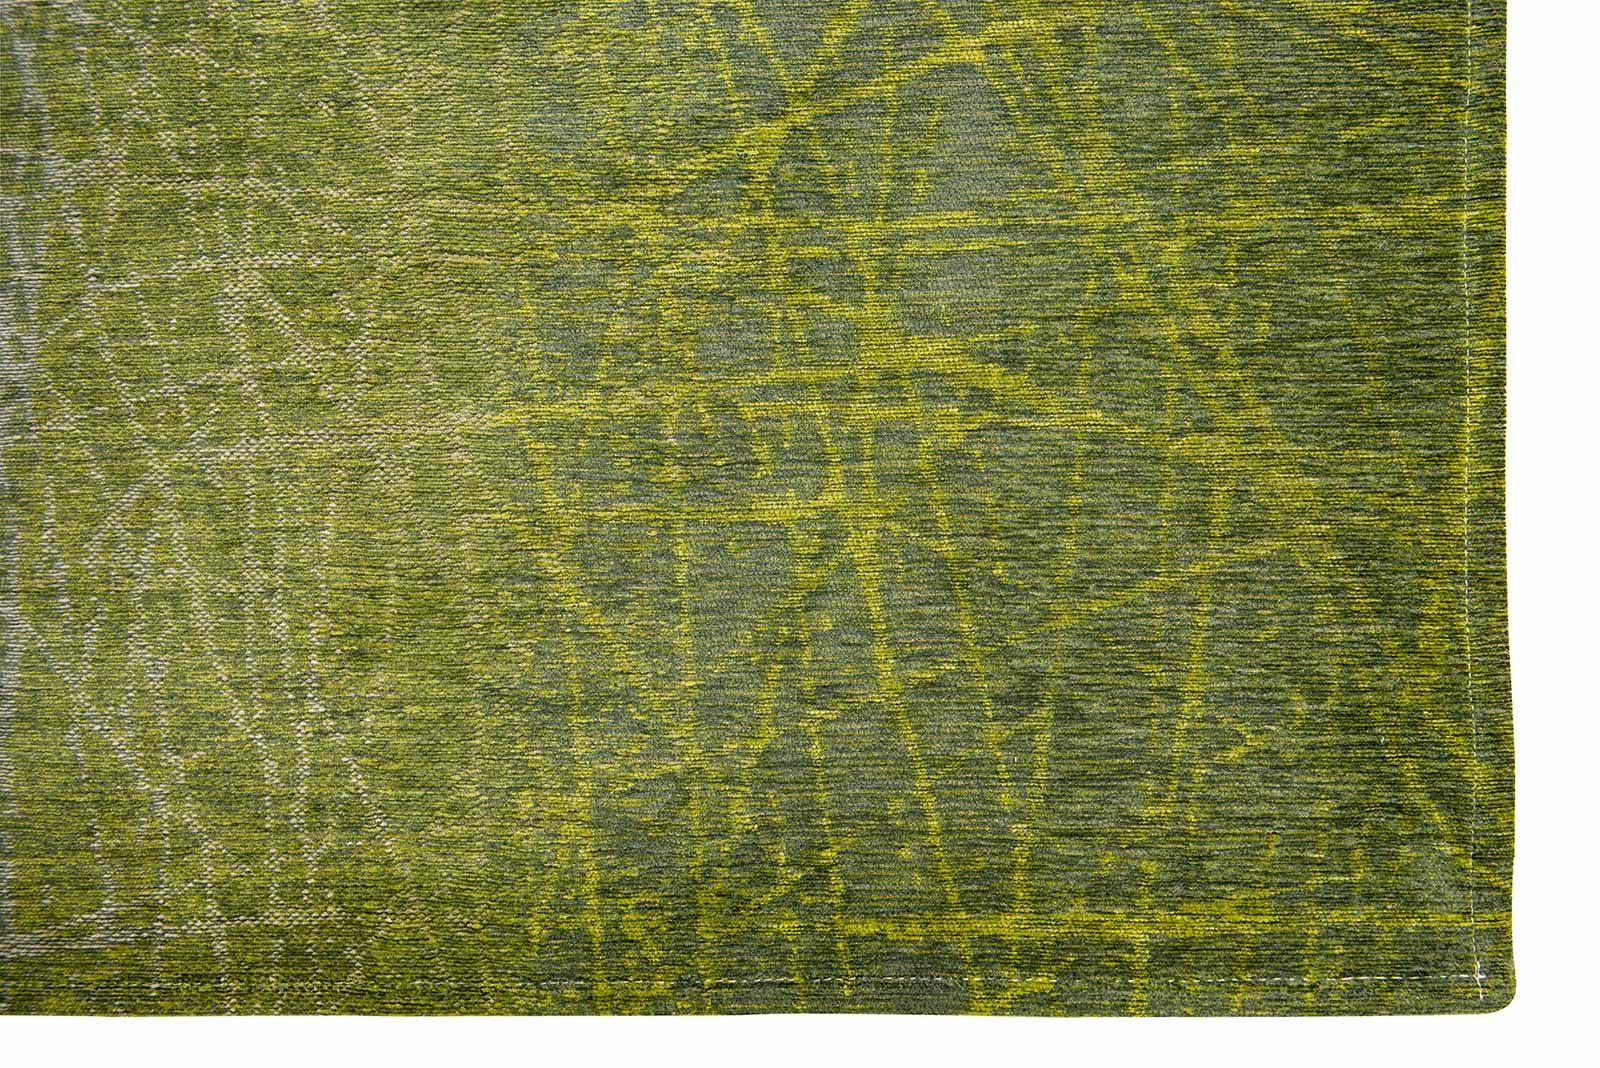 alfombras Louis De Poortere LX 8882 Mad Men Fahrenheit Central Park Green corner